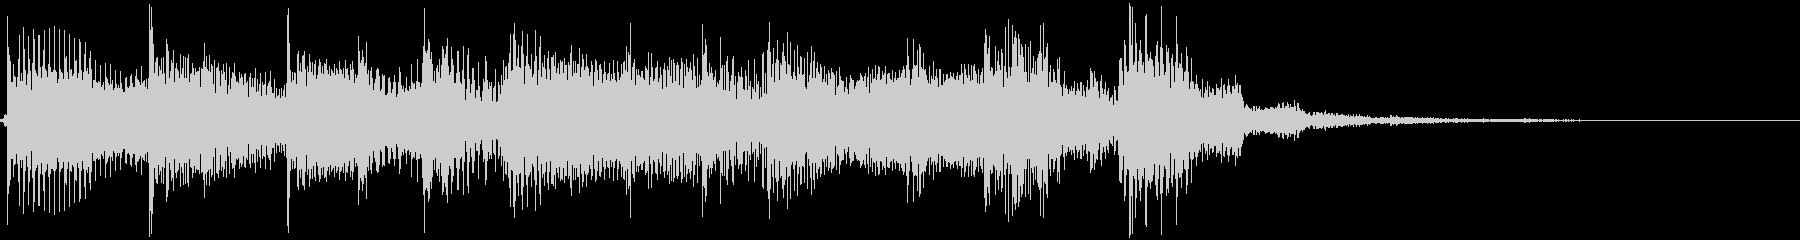 ギターのヒップホップシーンの未再生の波形